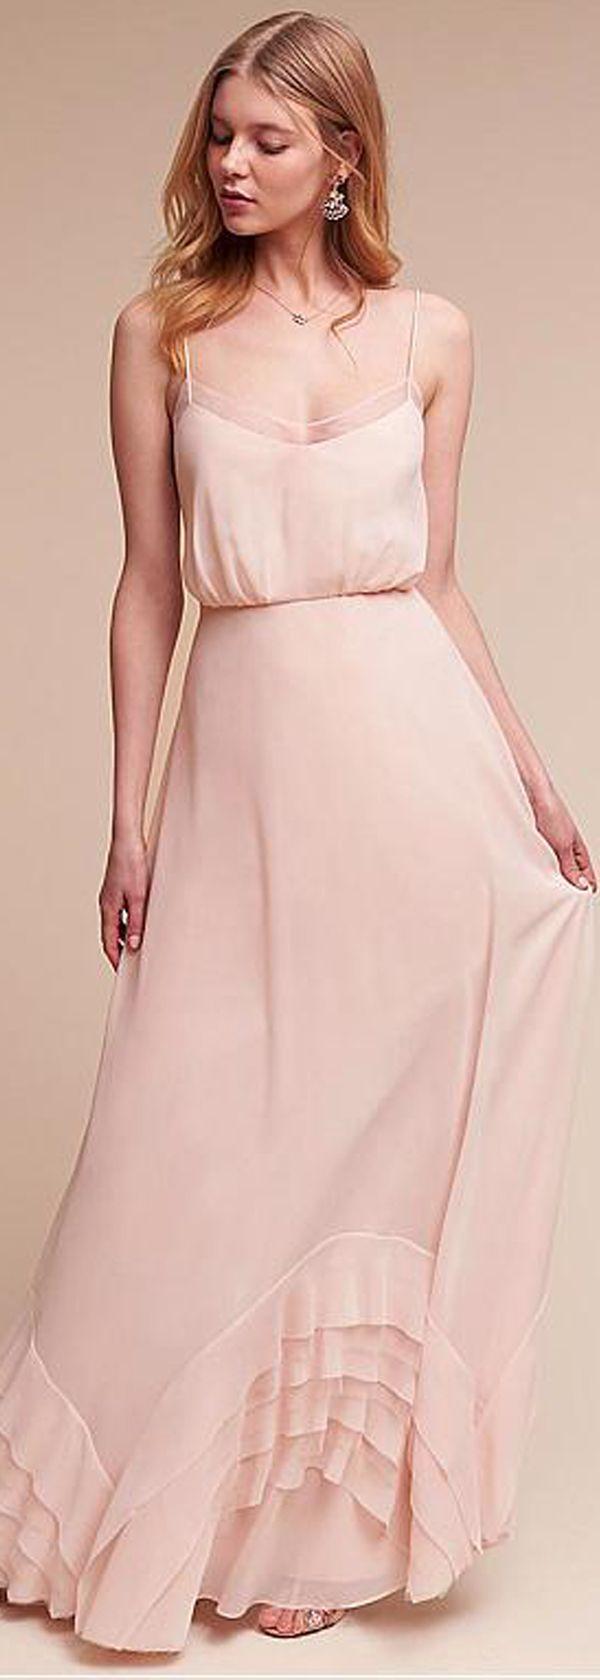 Dorable Vestidos De Dama Bobbinet Componente - Colección del Vestido ...